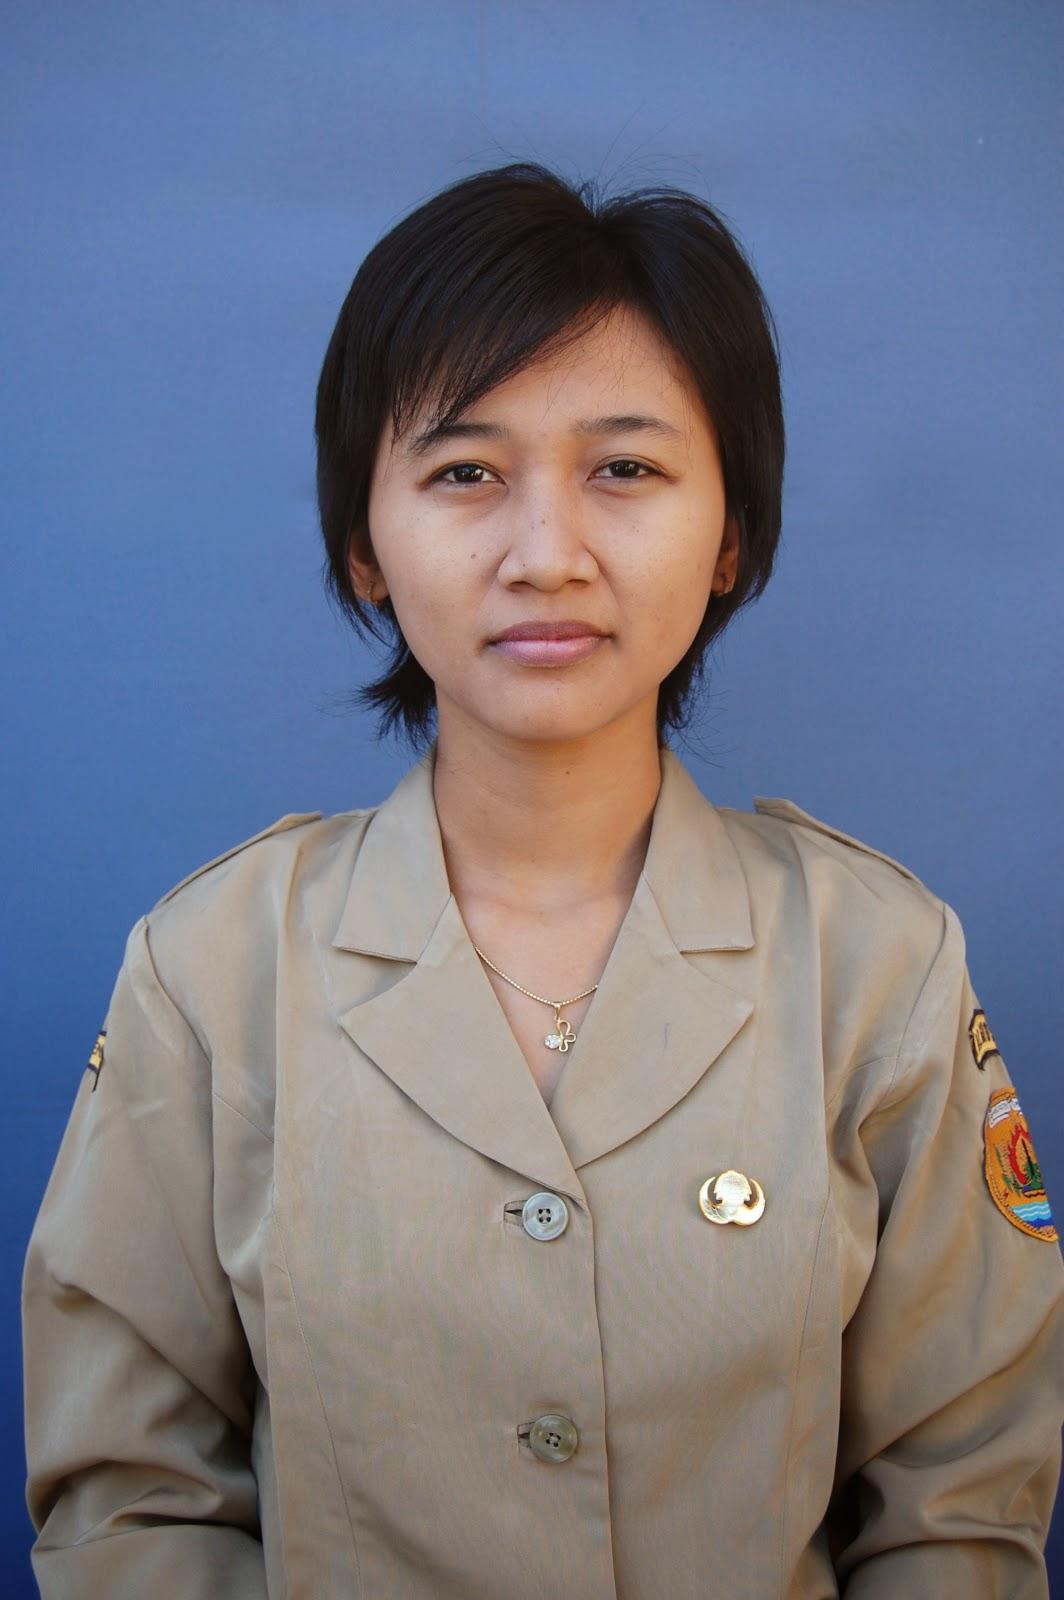 Karyawan Sdn 1 Asemrudung Sd Negeri 1 Asemrudung